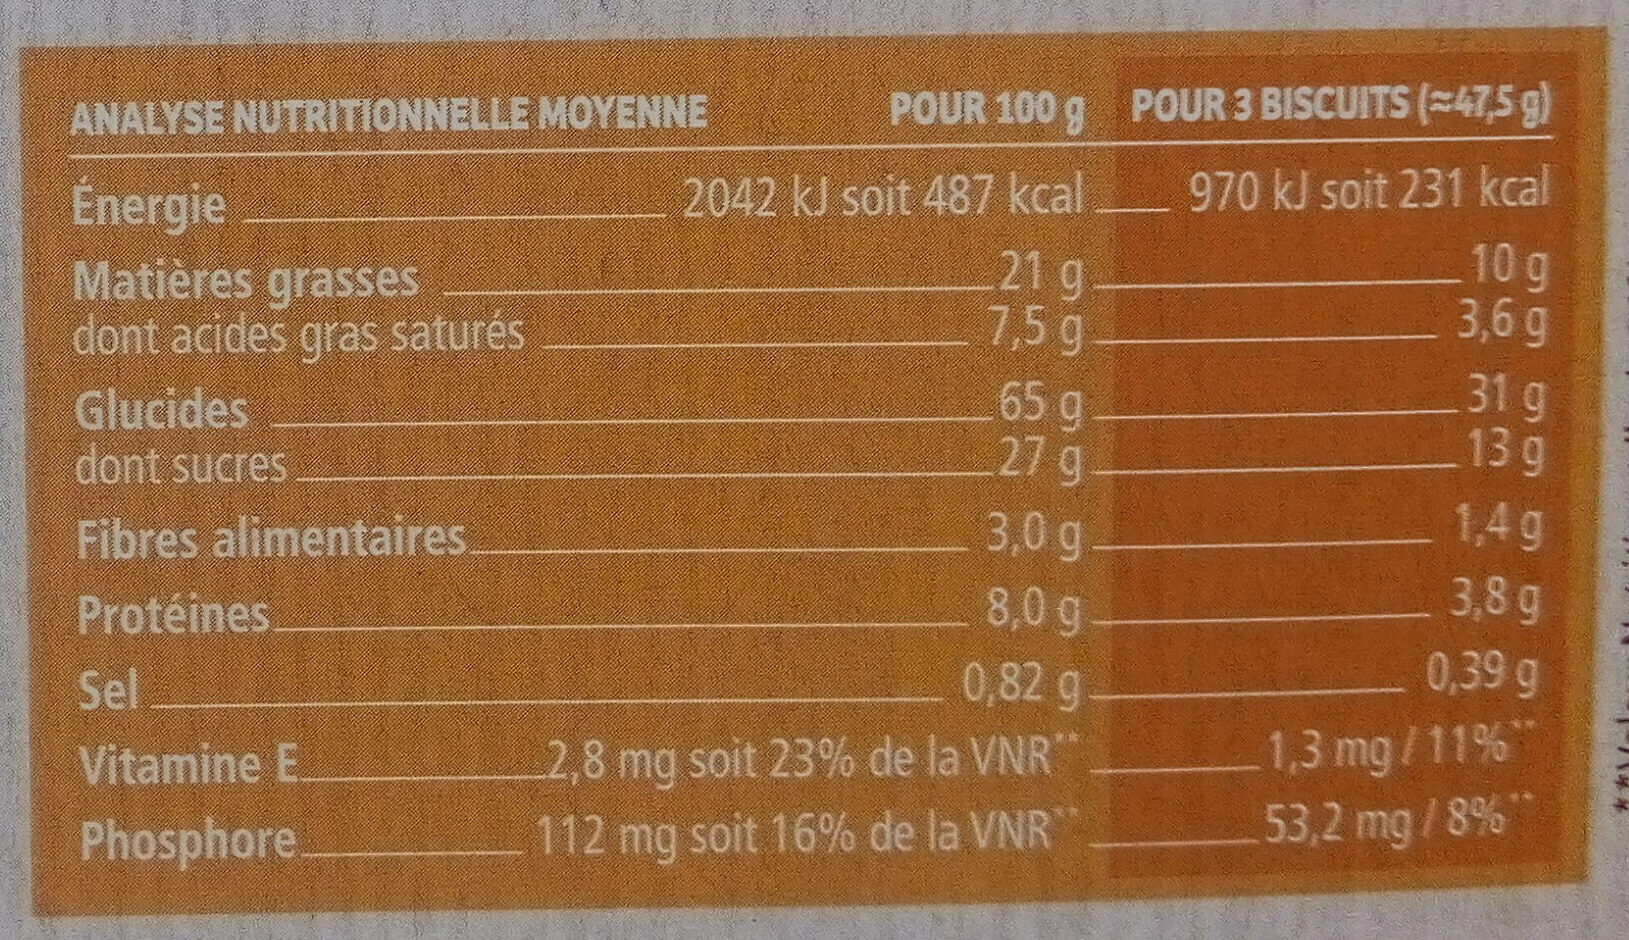 Biscuit petit dejeuner - Nutrition facts